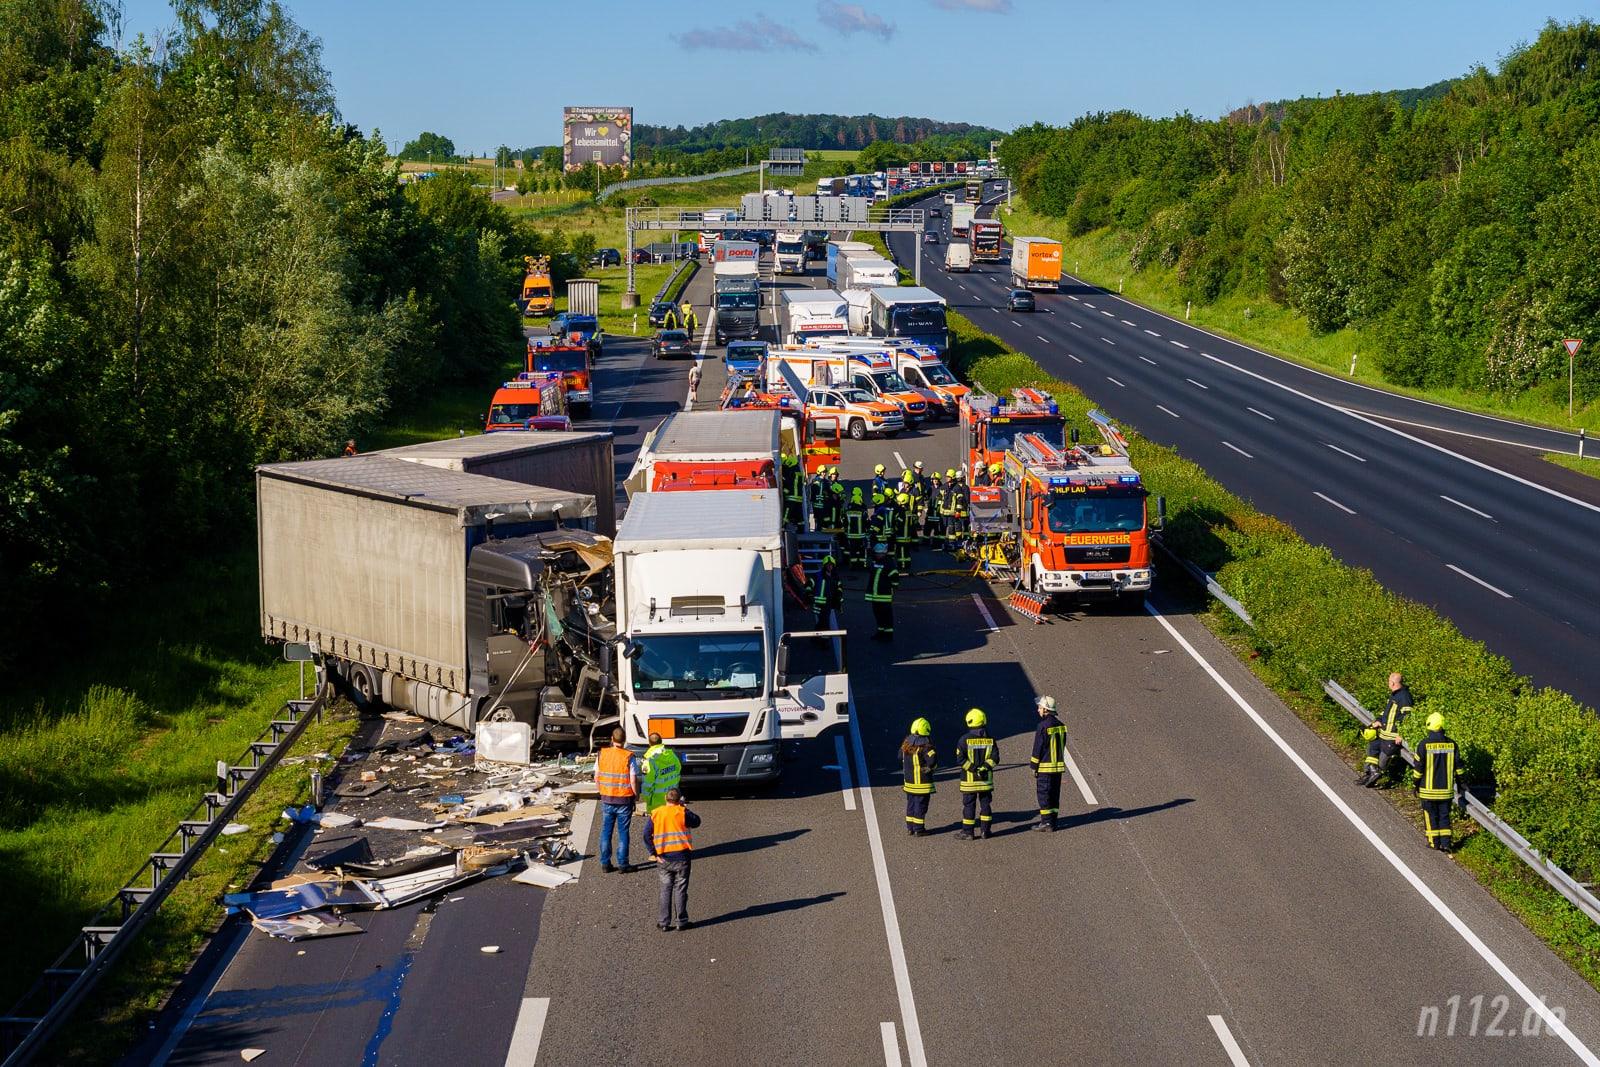 Übersicht der Unfallstelle nahe der Anschlussstelle Lauenau (Foto: n112.de/Stefan Simonsen)